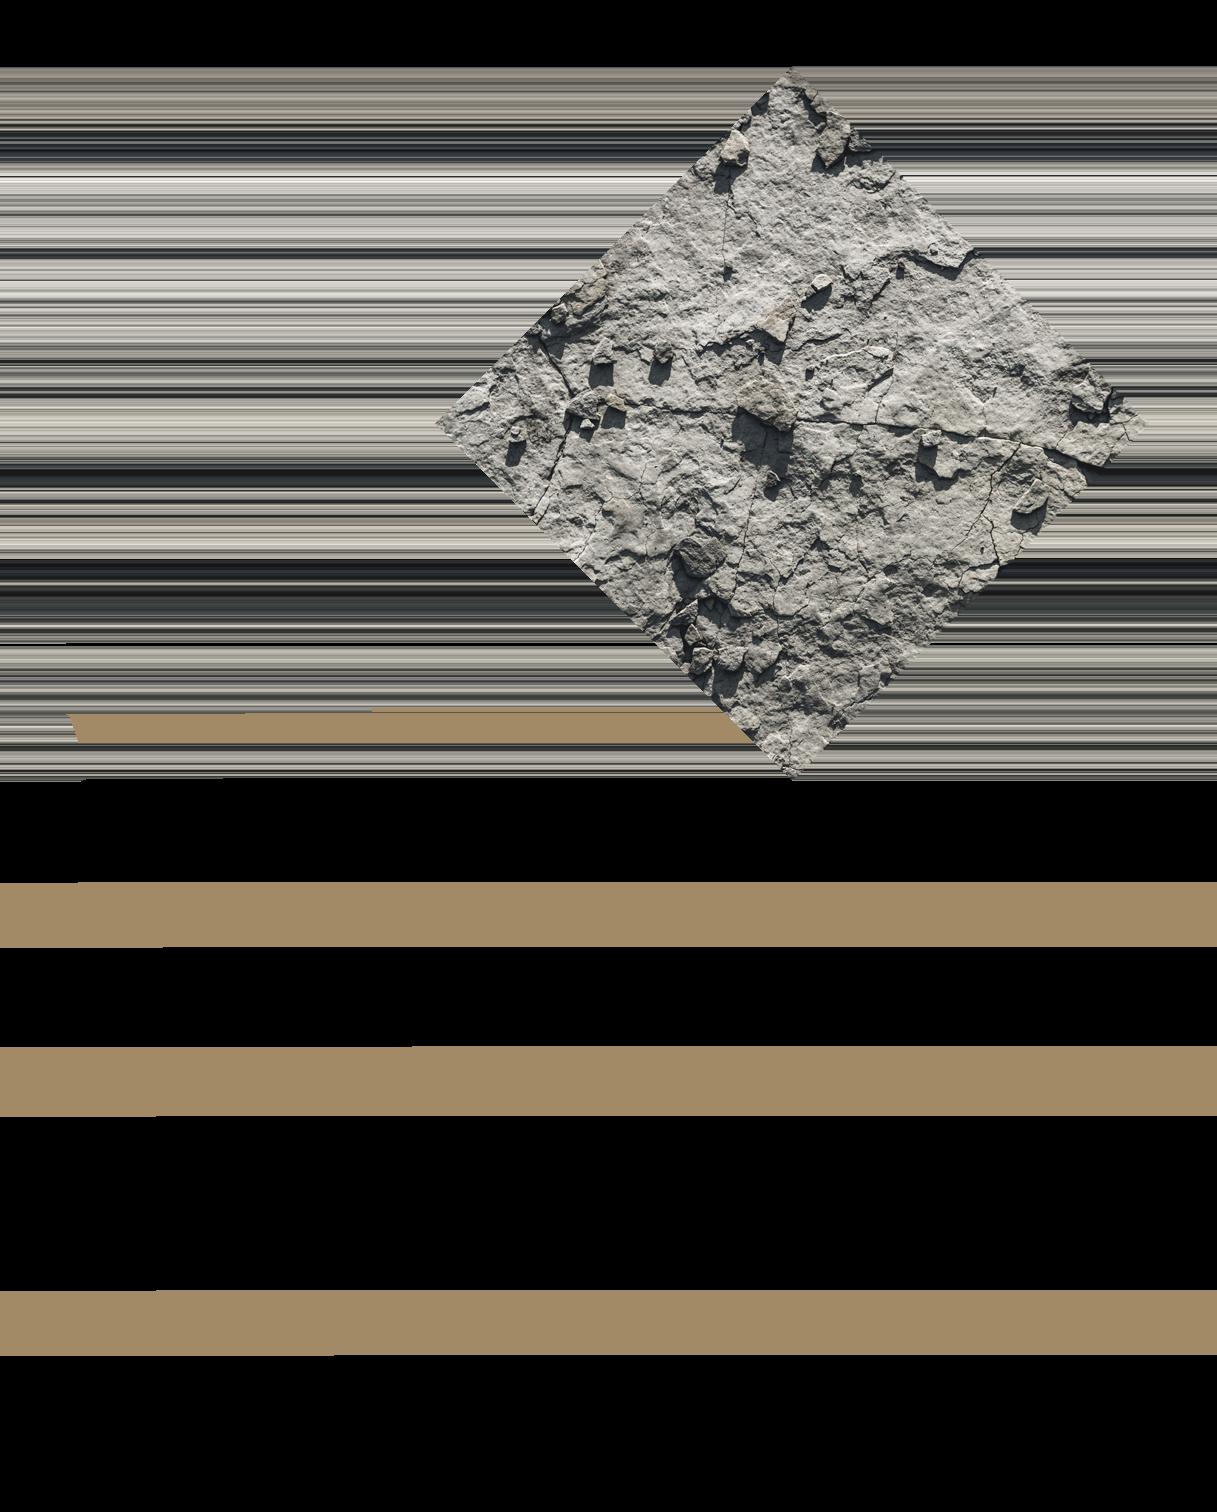 stk_web_grafiken4